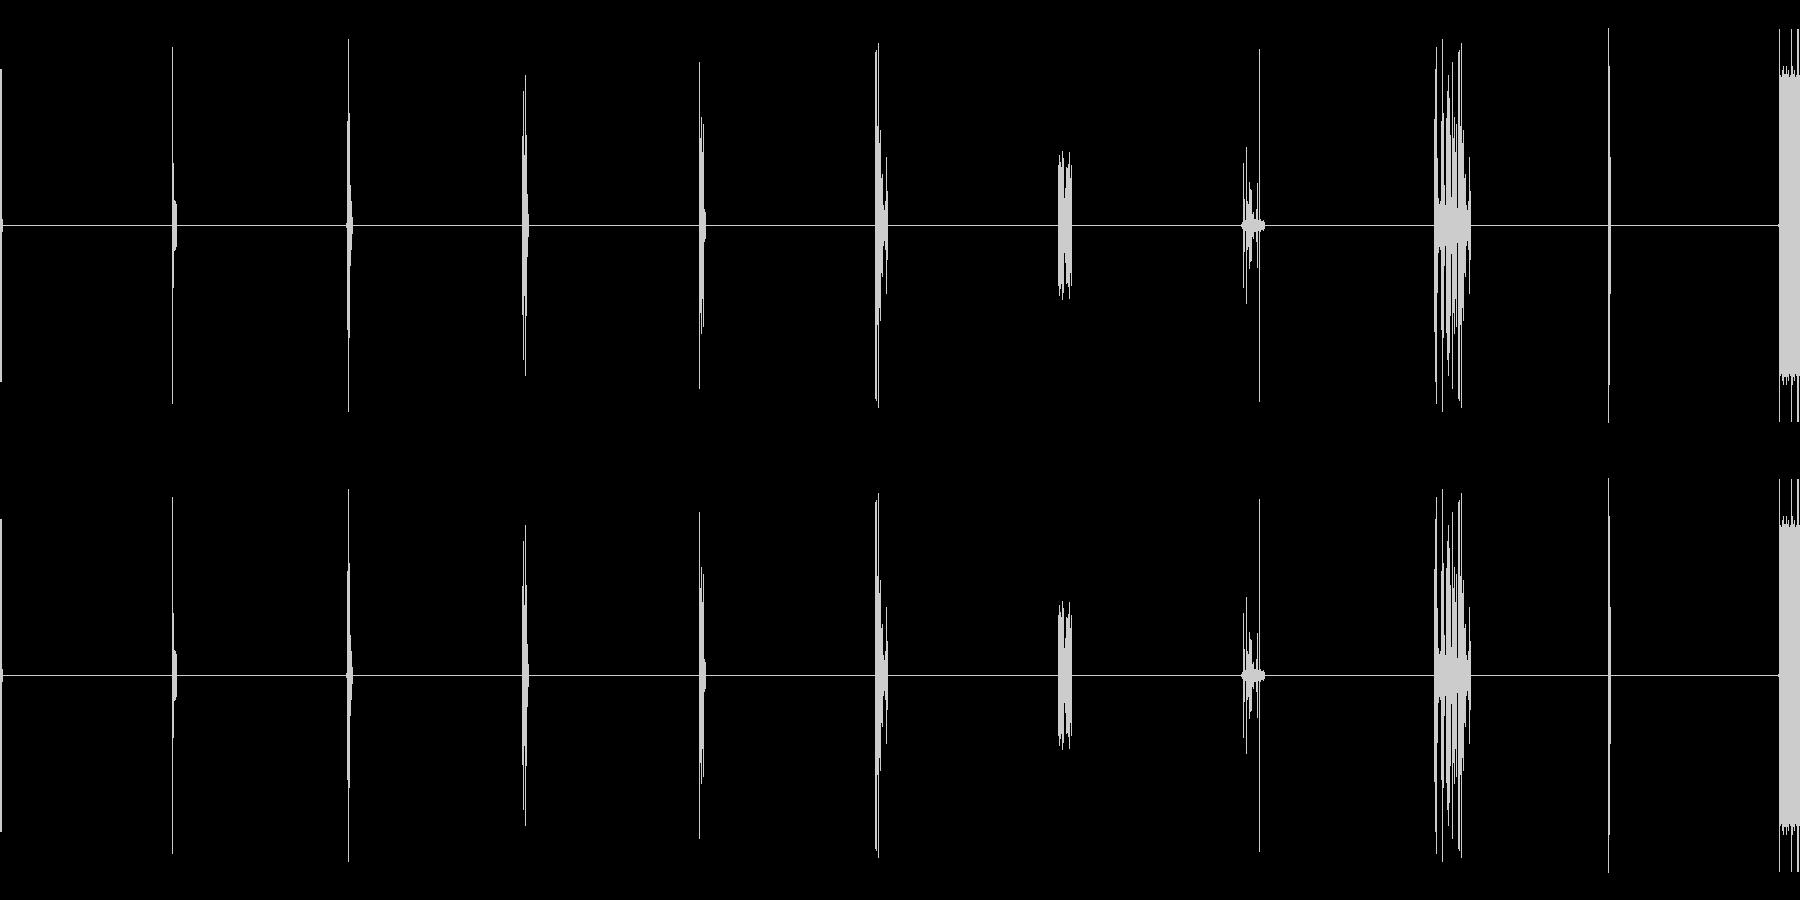 11静電気放電電気、アーク放電、火花の未再生の波形